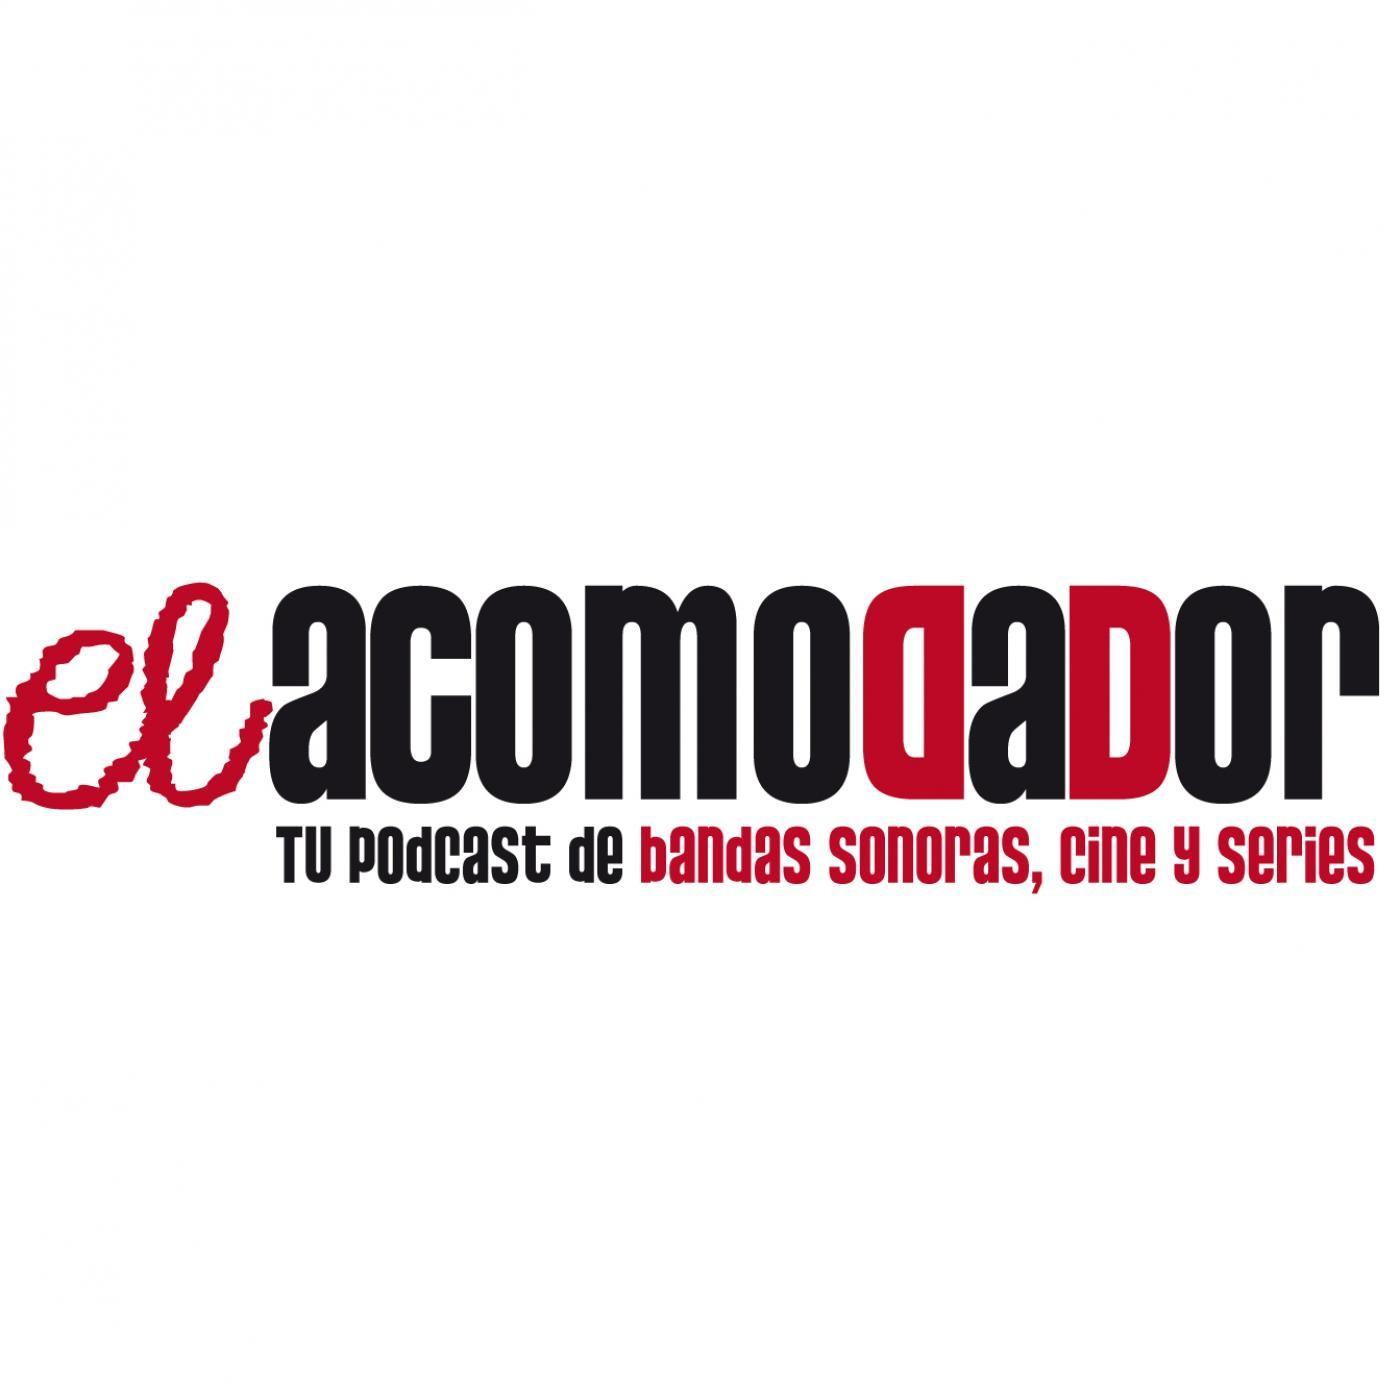 Logo de El Acomodador